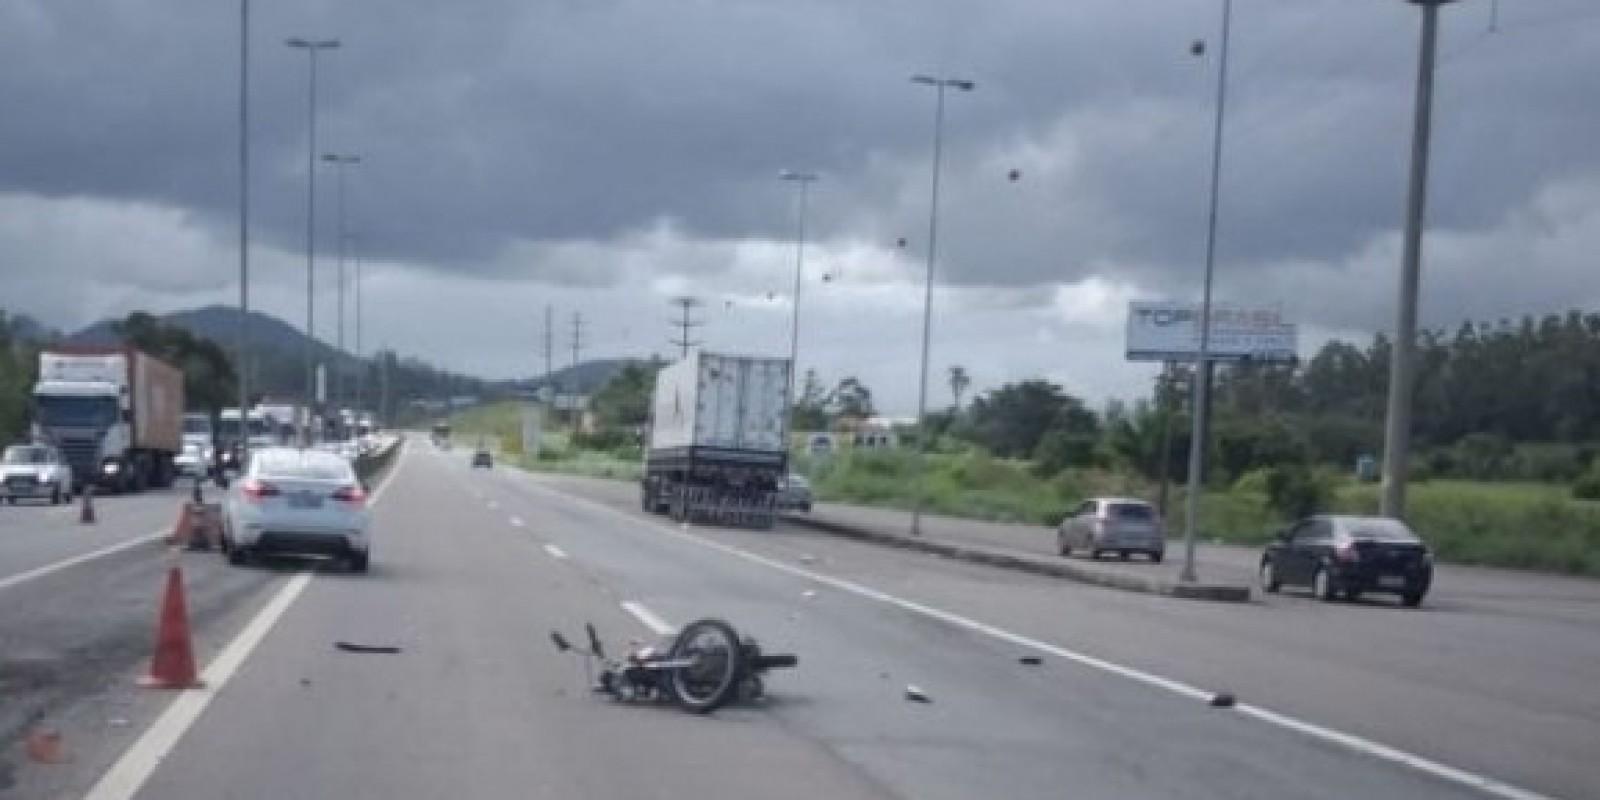 Motociclista morre após colisão com carreta na BR-101, em Tubarão